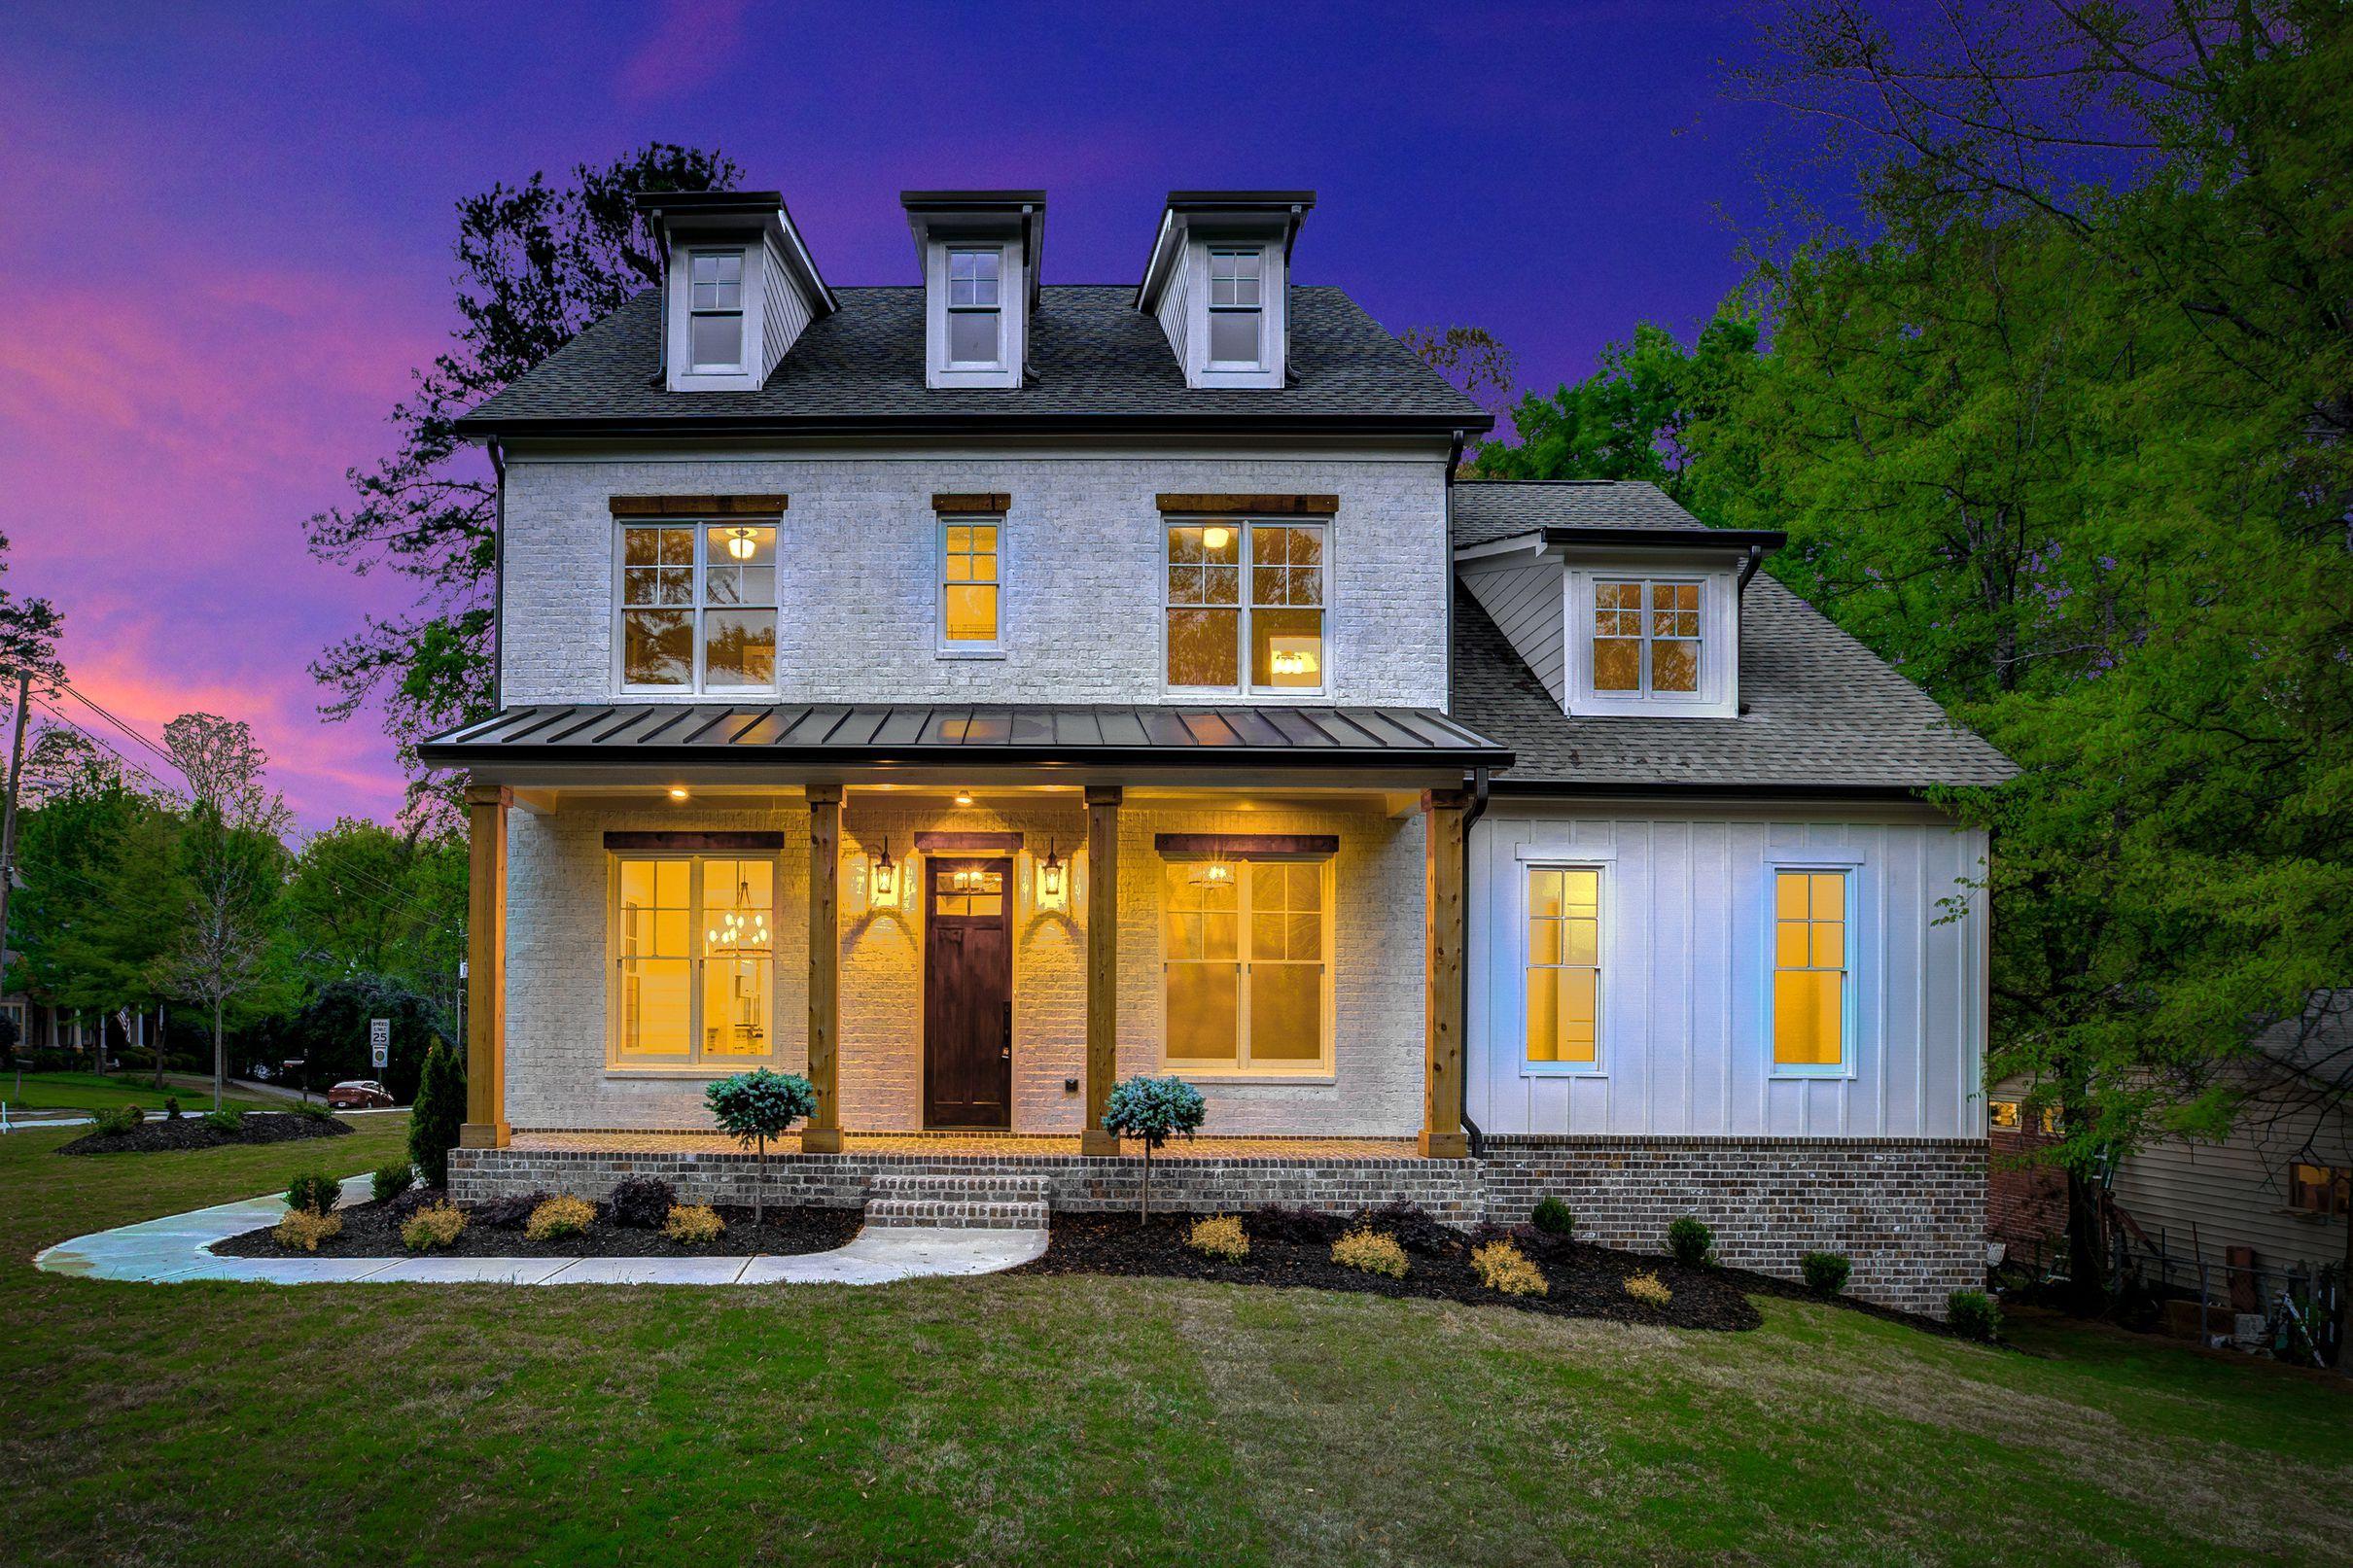 farmhouse style house for sale